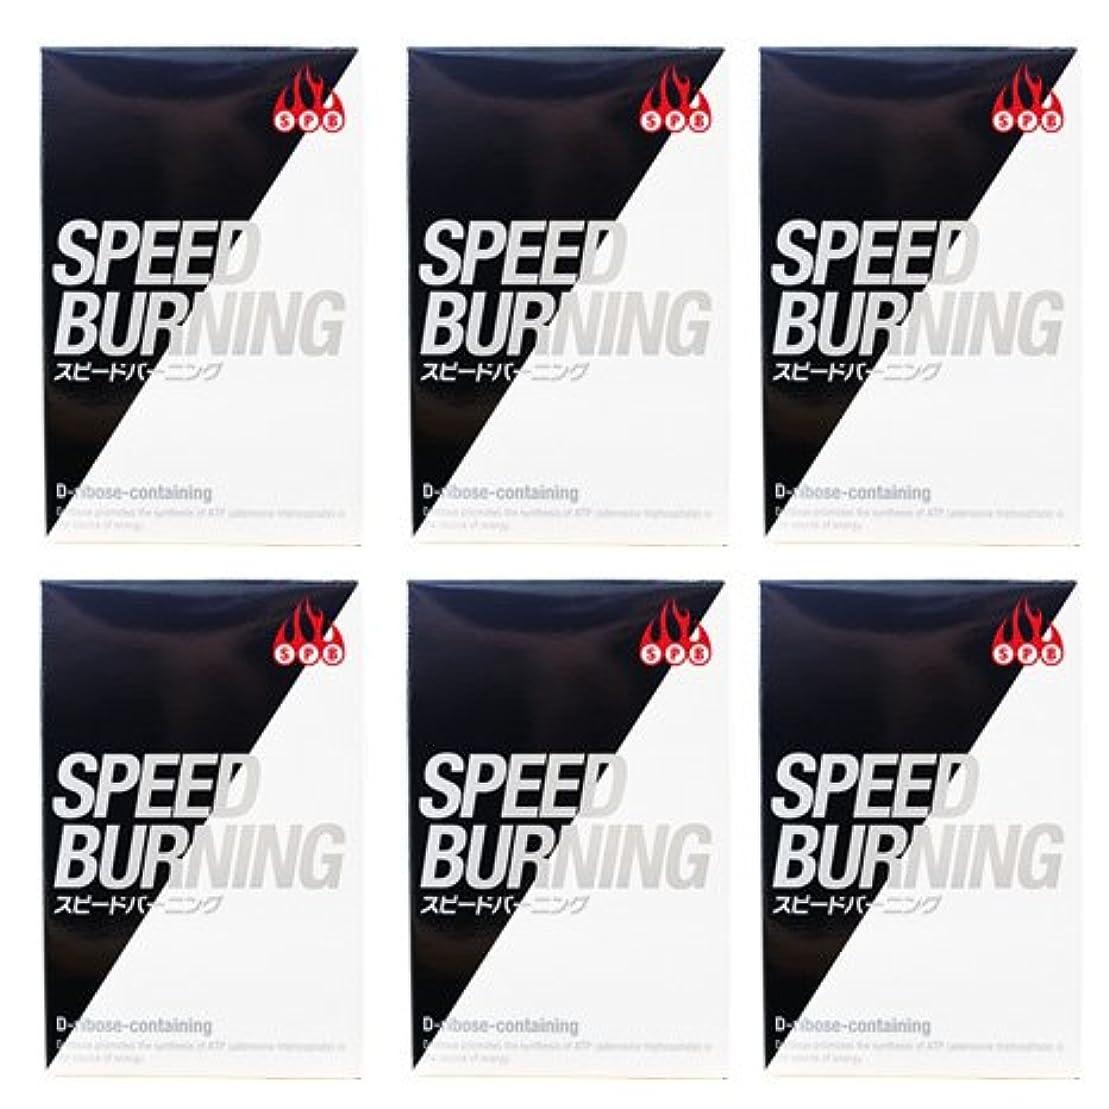 切り下げリースきらめくスピードバーニング SPEED BURNING×6個